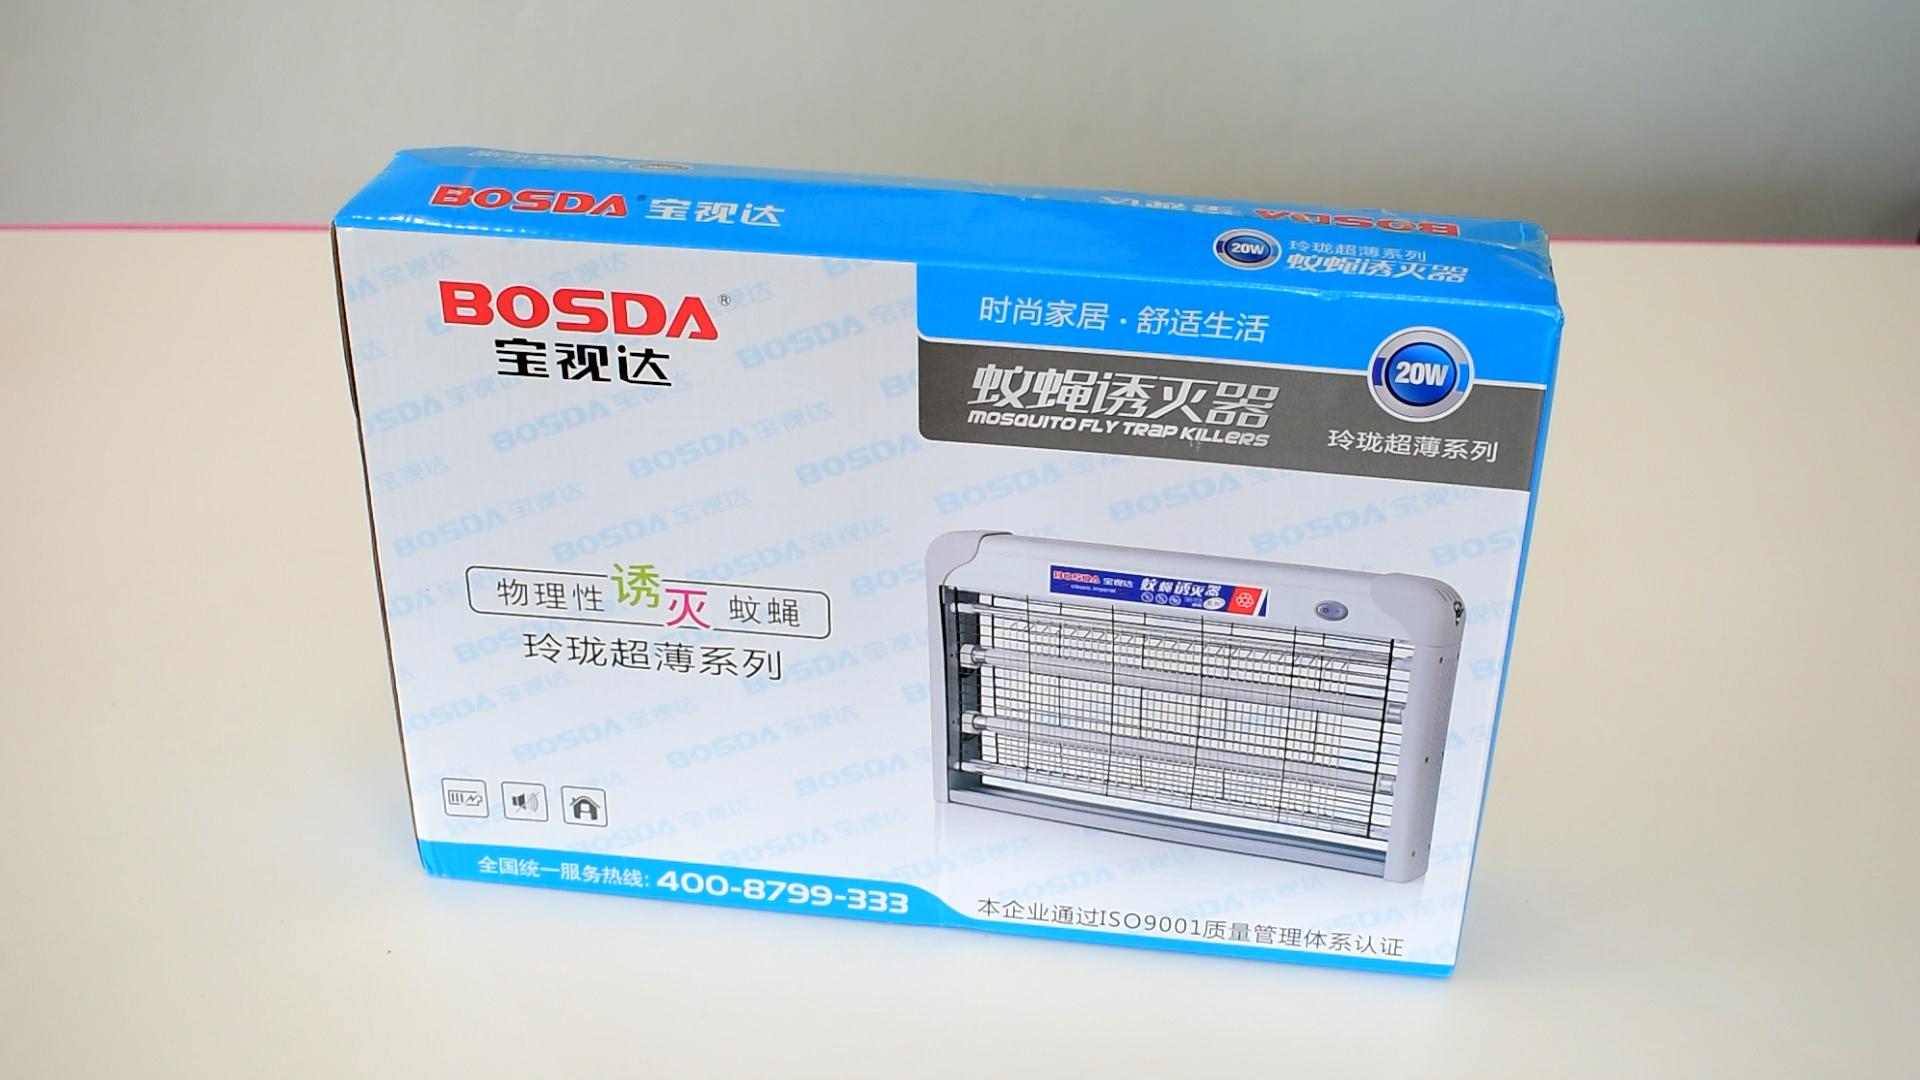 เครื่องช็อตยุ่งไฟฟ้า BOSDA กล่องสินค้า